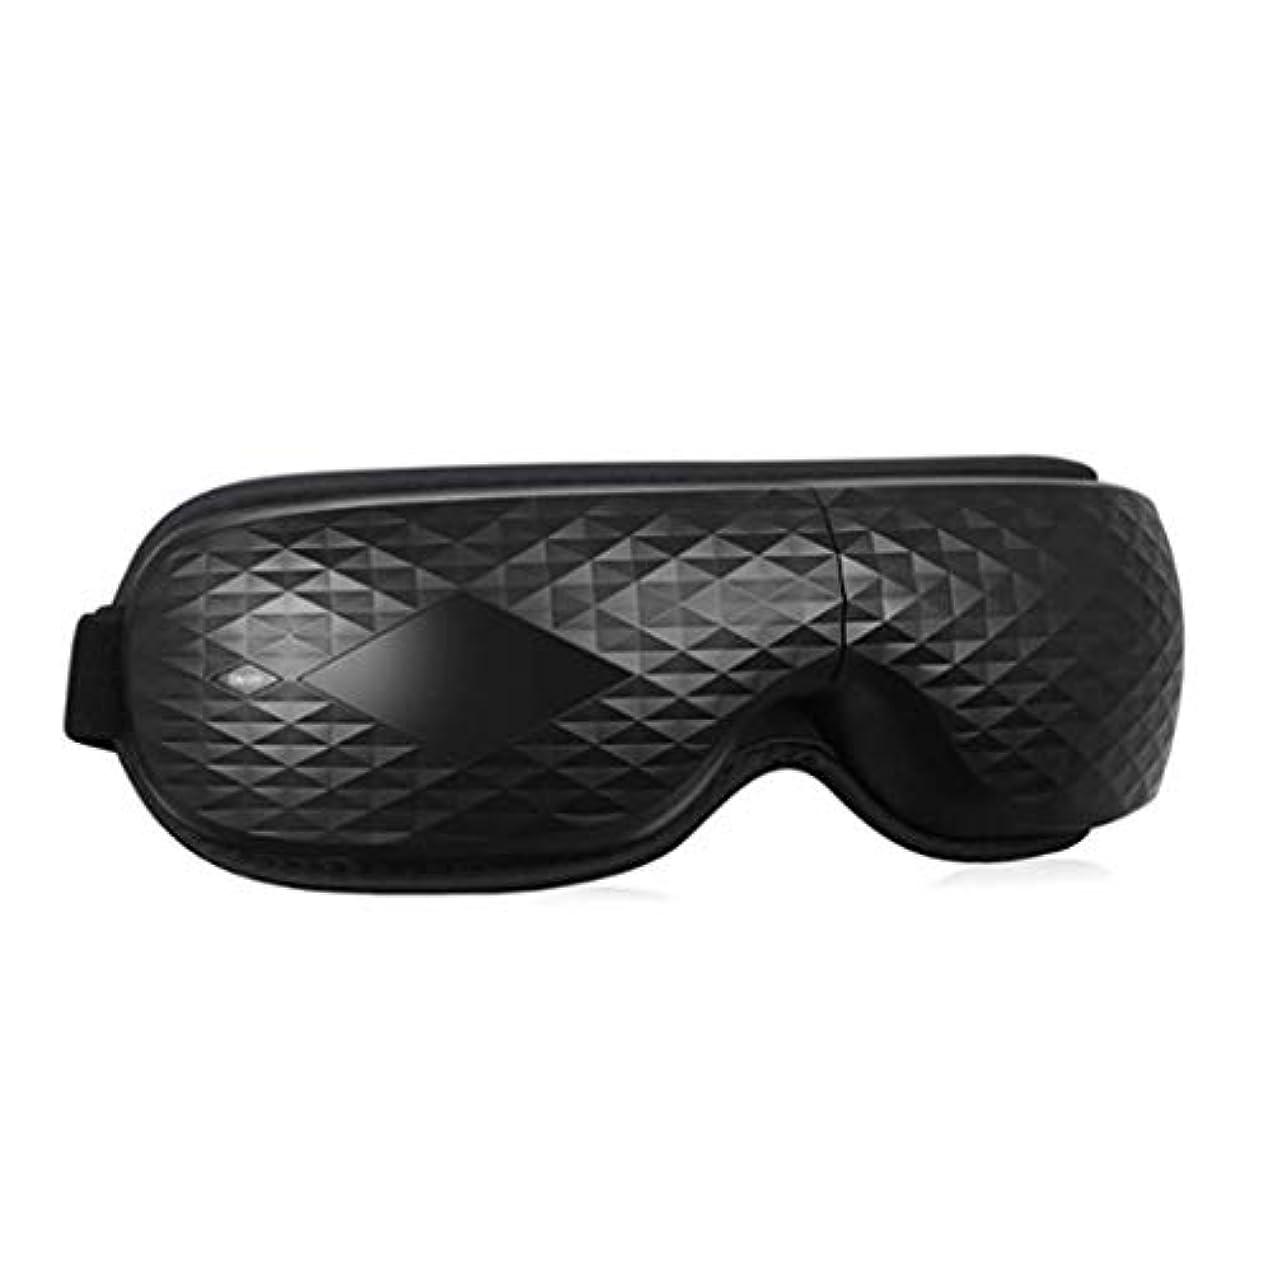 メタリックガム単語アイマッサージャー、折り畳み式Bluetooth赤外線アイマッサージャー、5つのモードの加熱/振動/空気圧縮と音楽、SPA眼科治療機器、疲労と痛みの軽減、睡眠の促進 (Color : Obsidian)